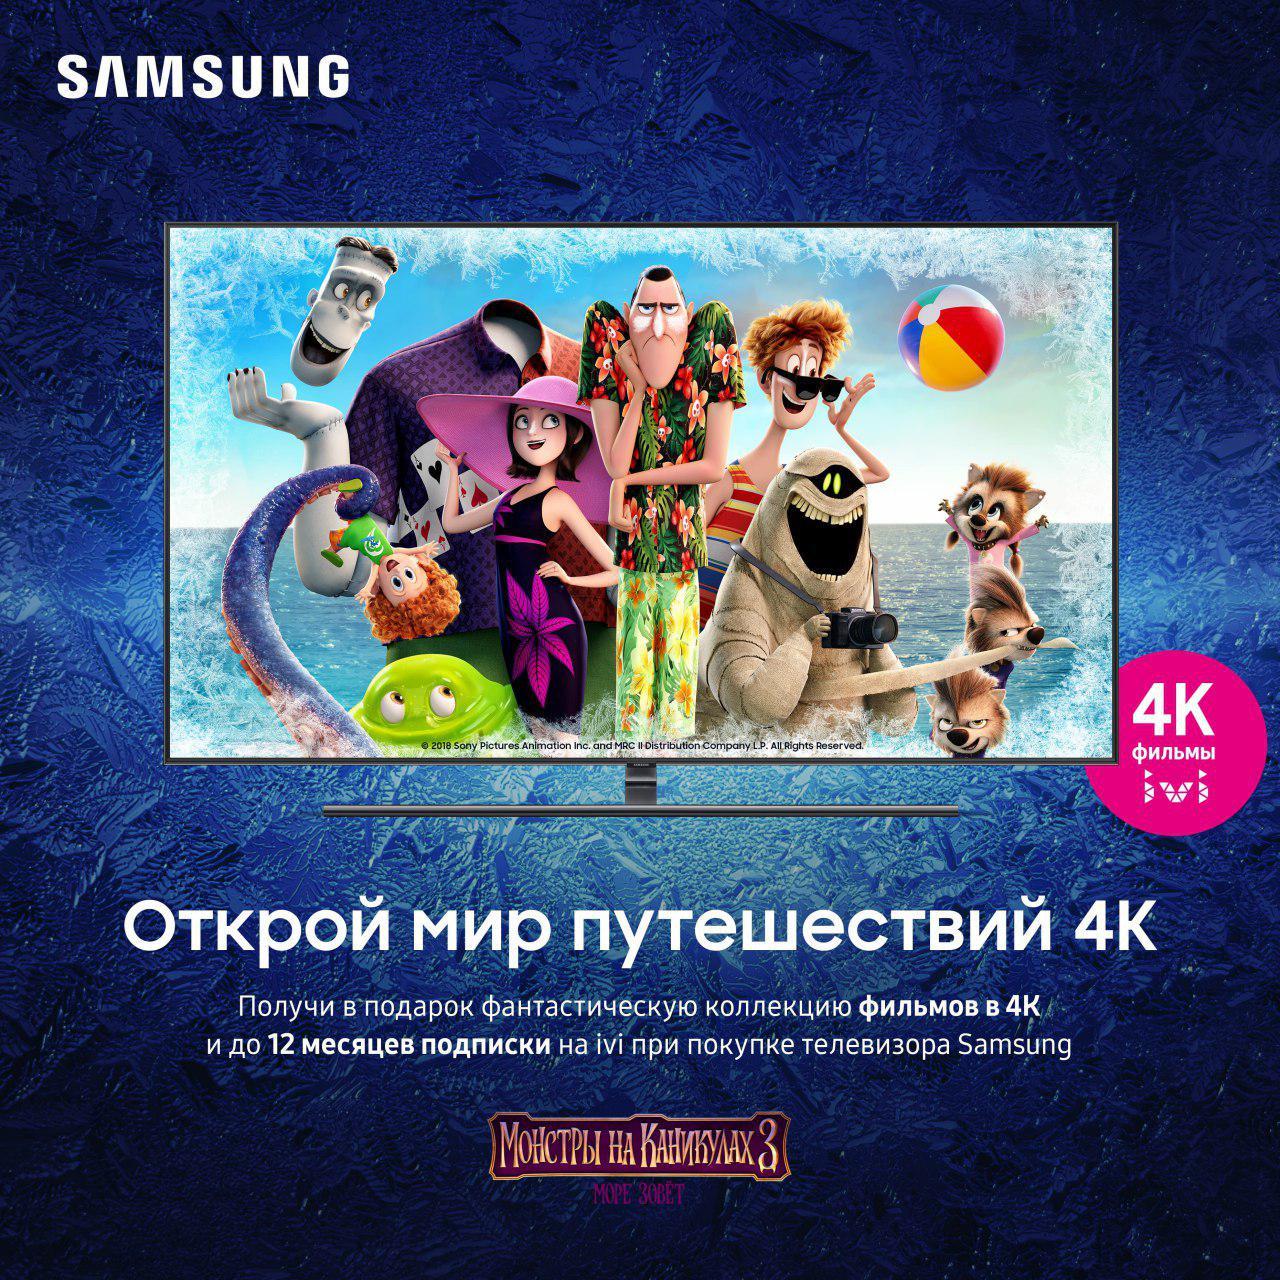 Samsung и Ivi дарят крупнейшую коллекцию фильмов в 4k